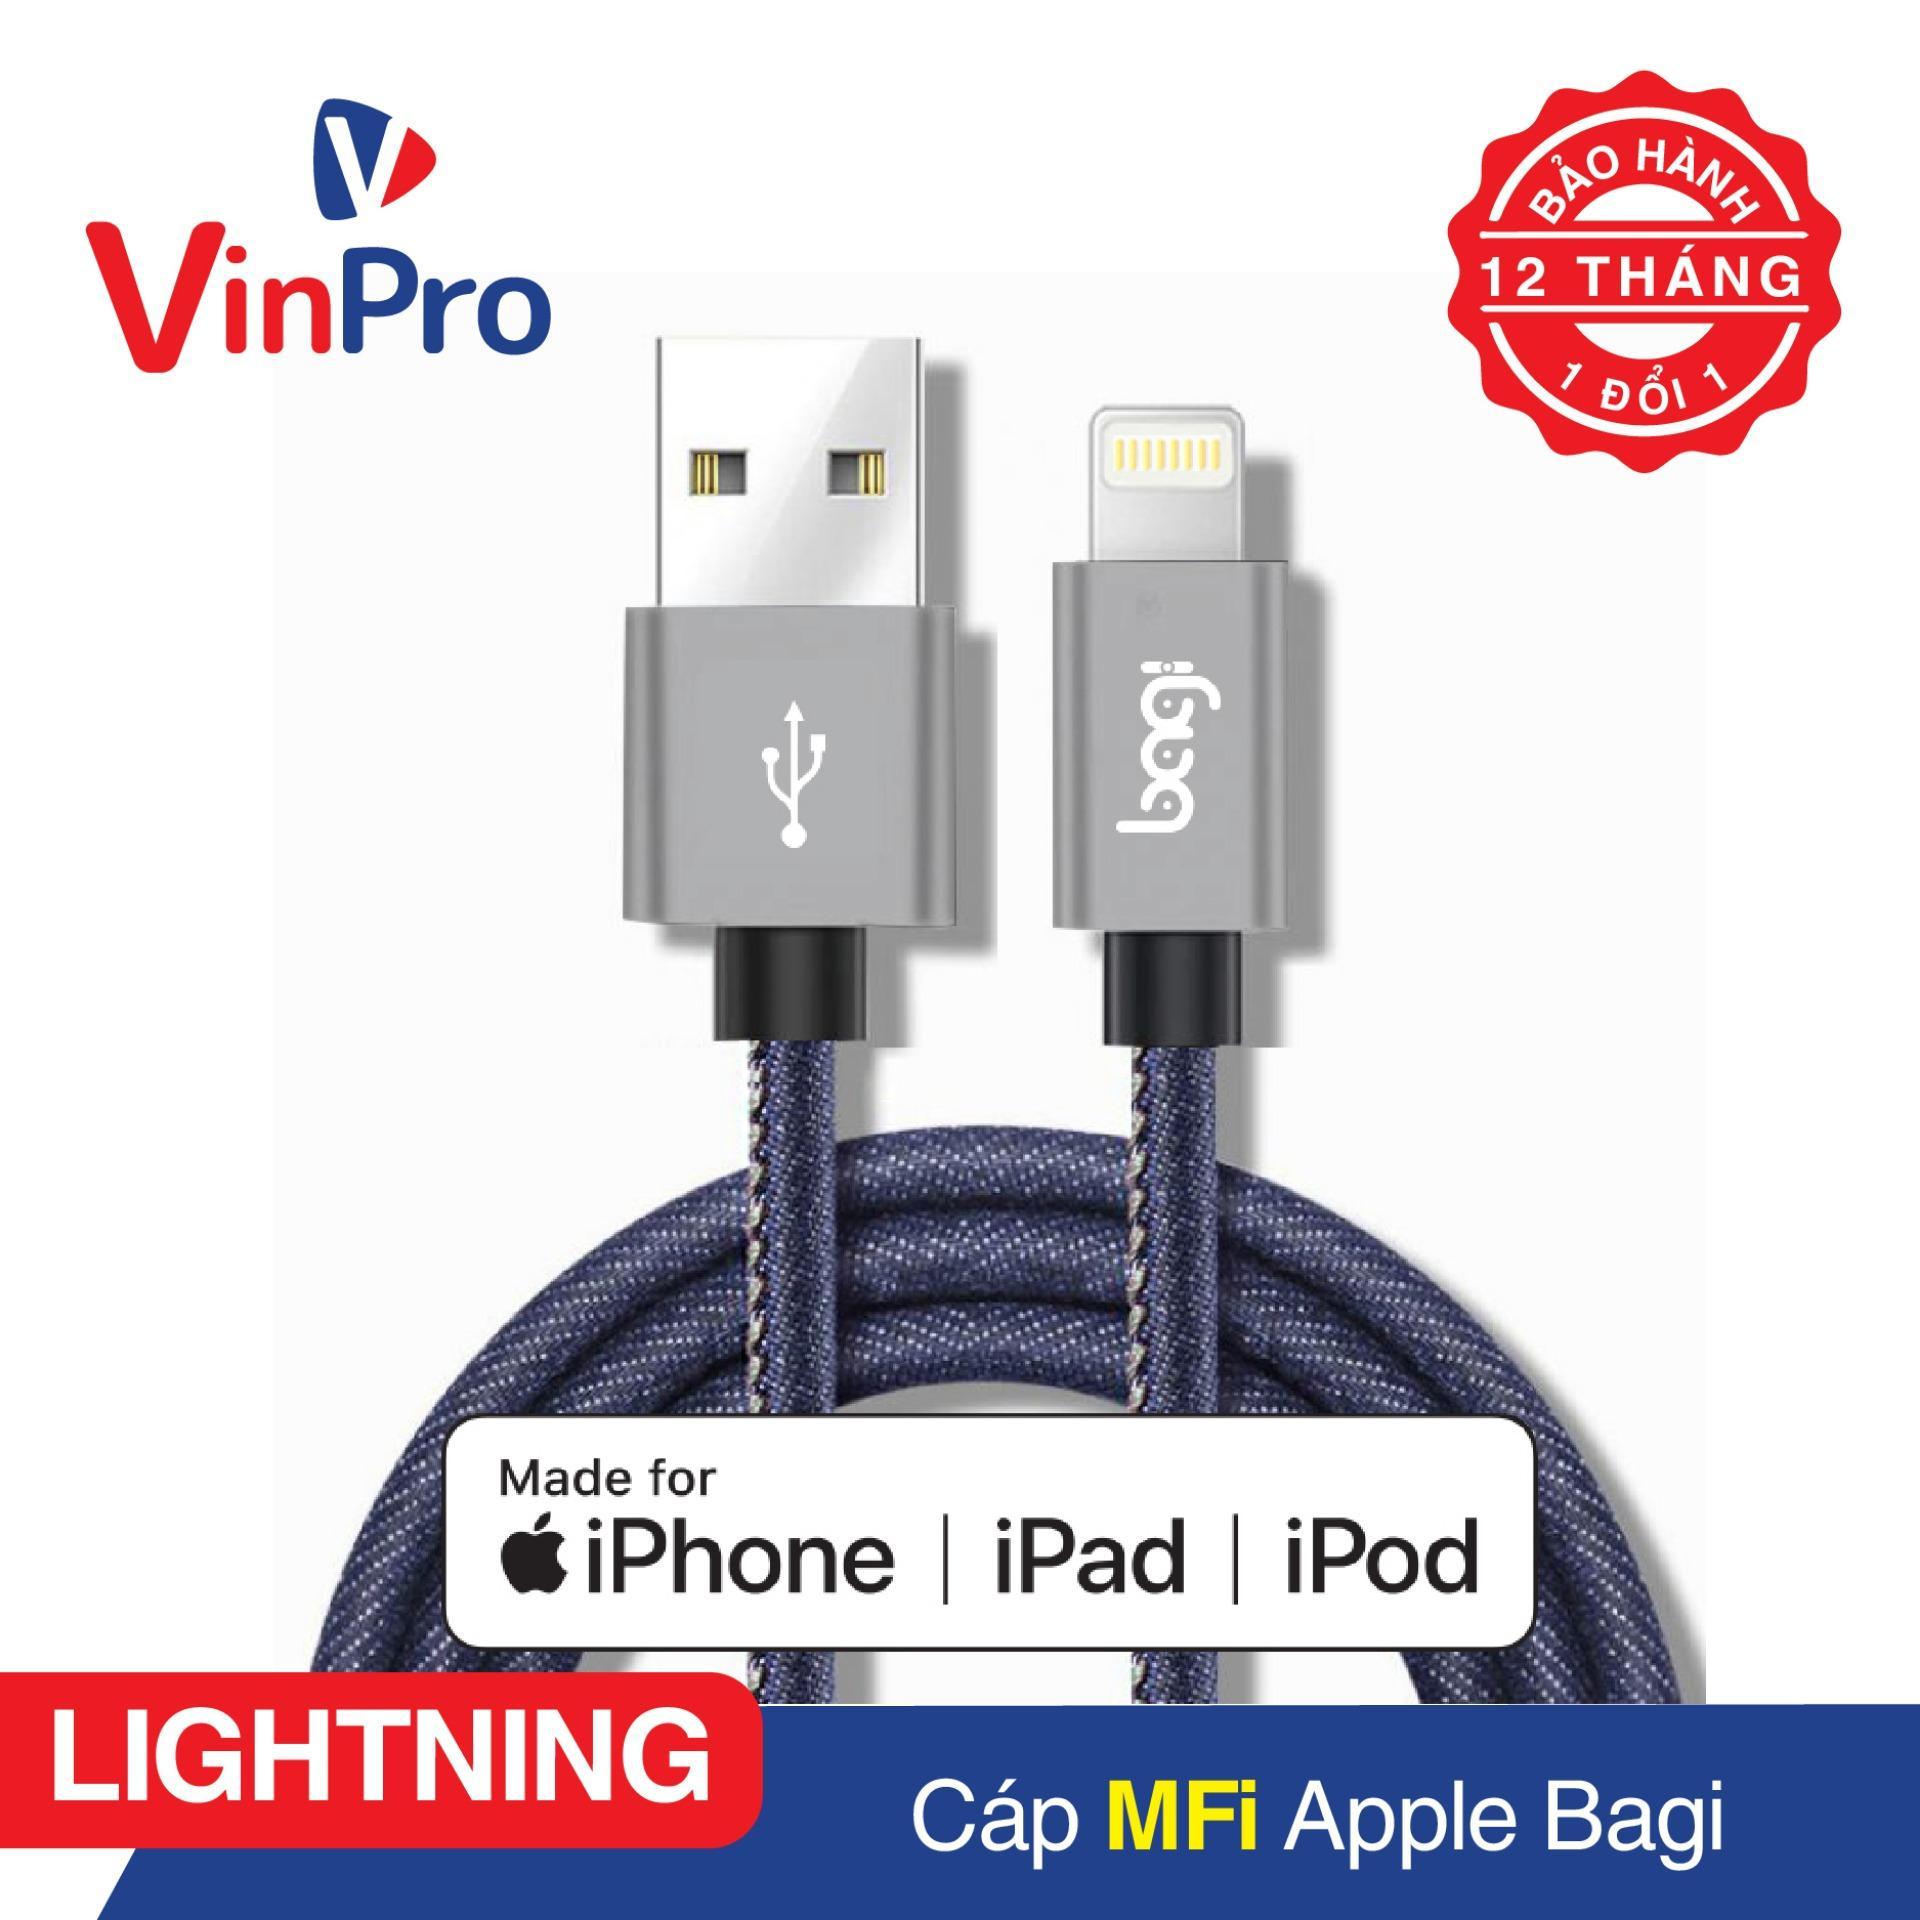 Giá Bán Cap Sạc Lightning Bagi Đạt Chuẩn Mfi Apple Dung Cho Iphone 5 5S 6 6S 6Plus 7 7Plus 8 8Plus Iphone X Ipad Ipod Có Thương Hiệu